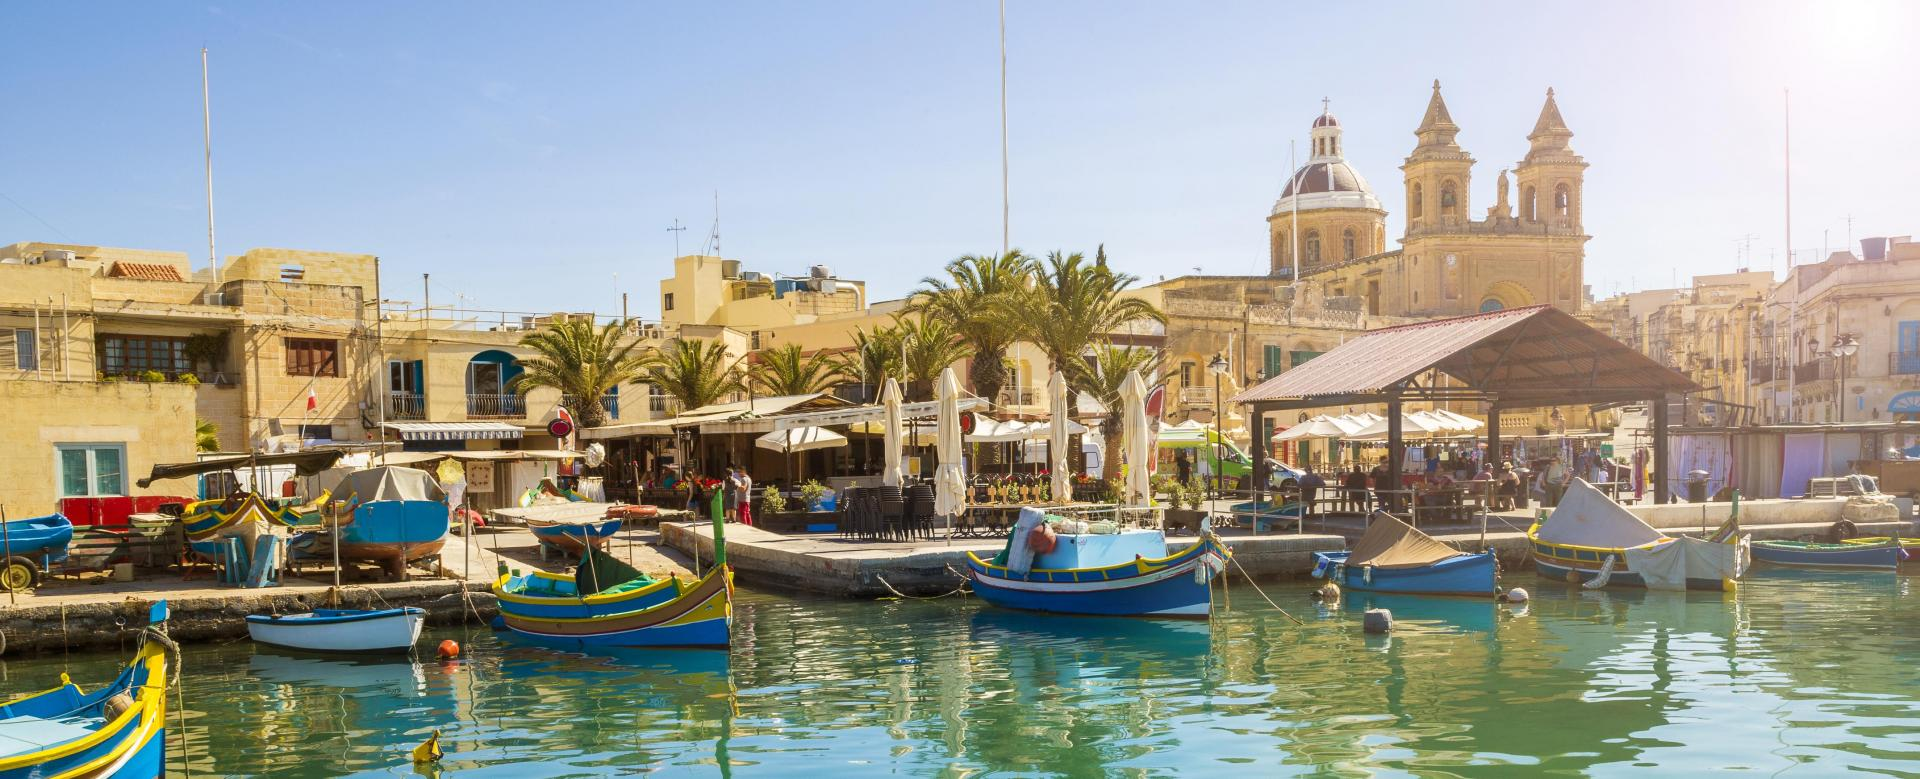 Voyage sur l'eau : Malte et gozo, coeur méditerranéen